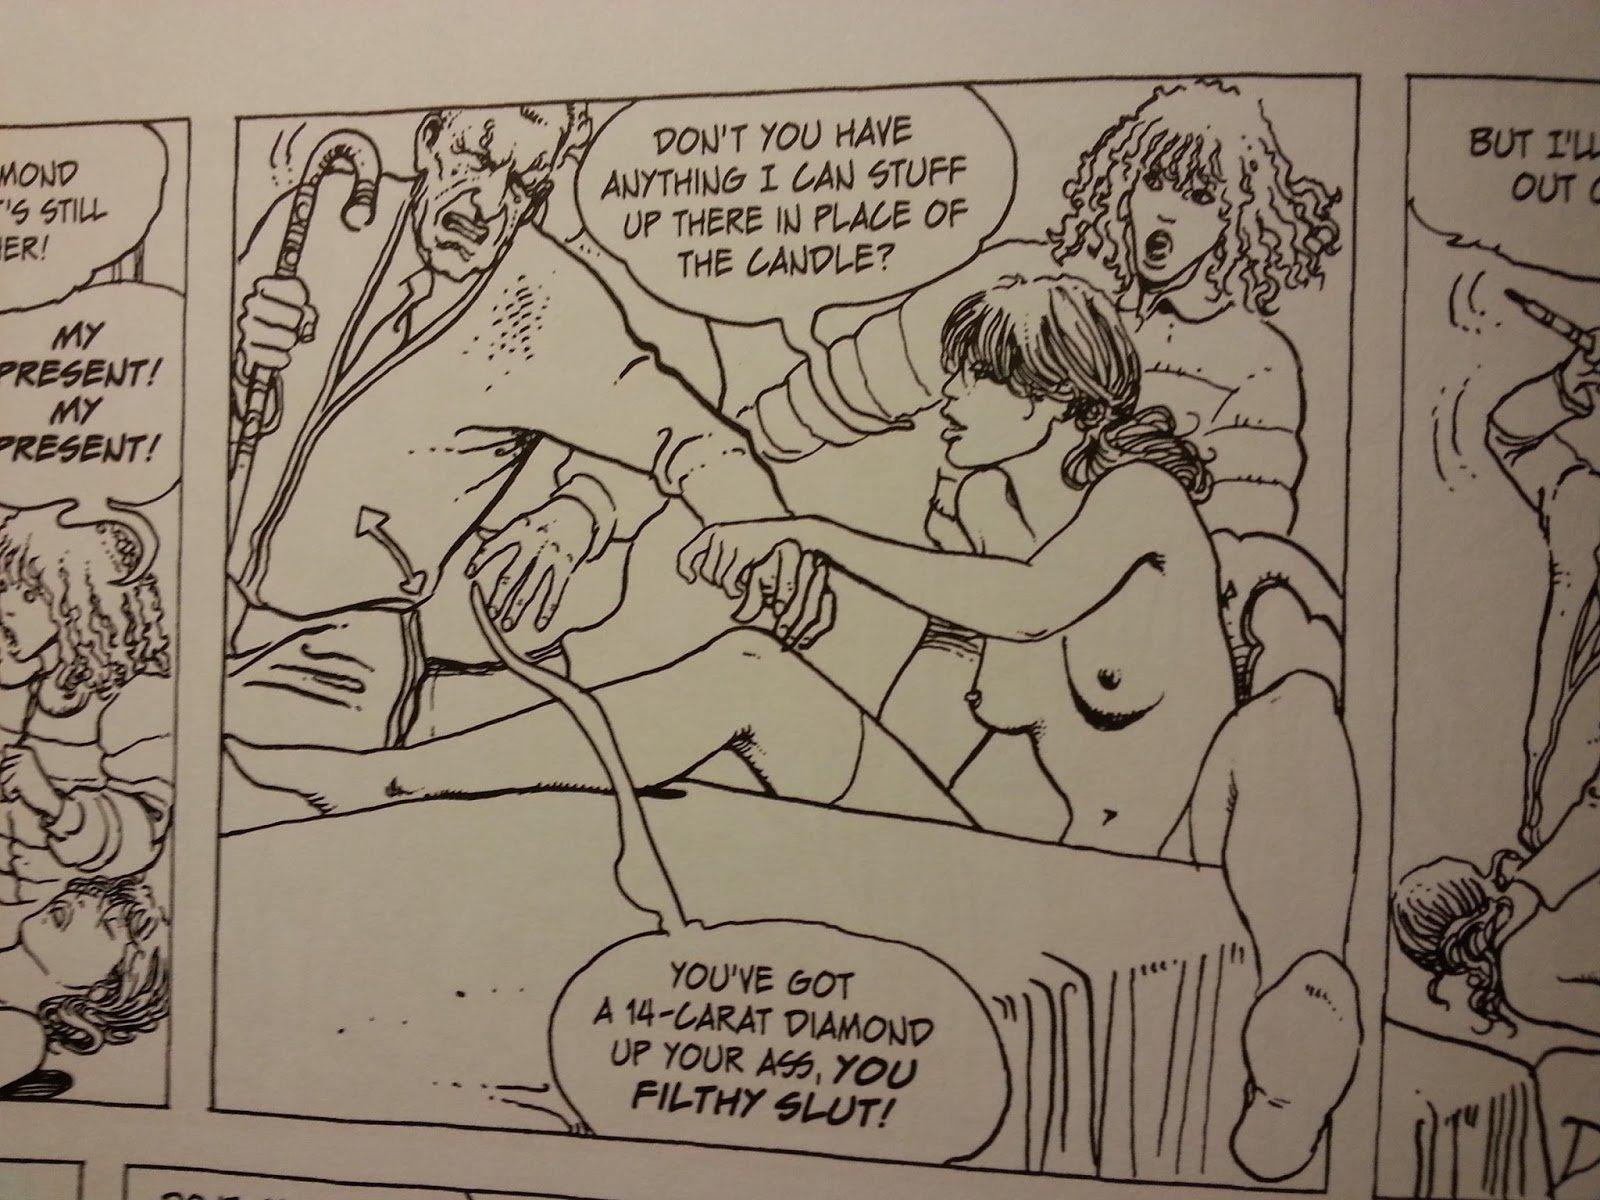 комикс клик мило манара случайные обзоры отвратительные мужики disgusting men